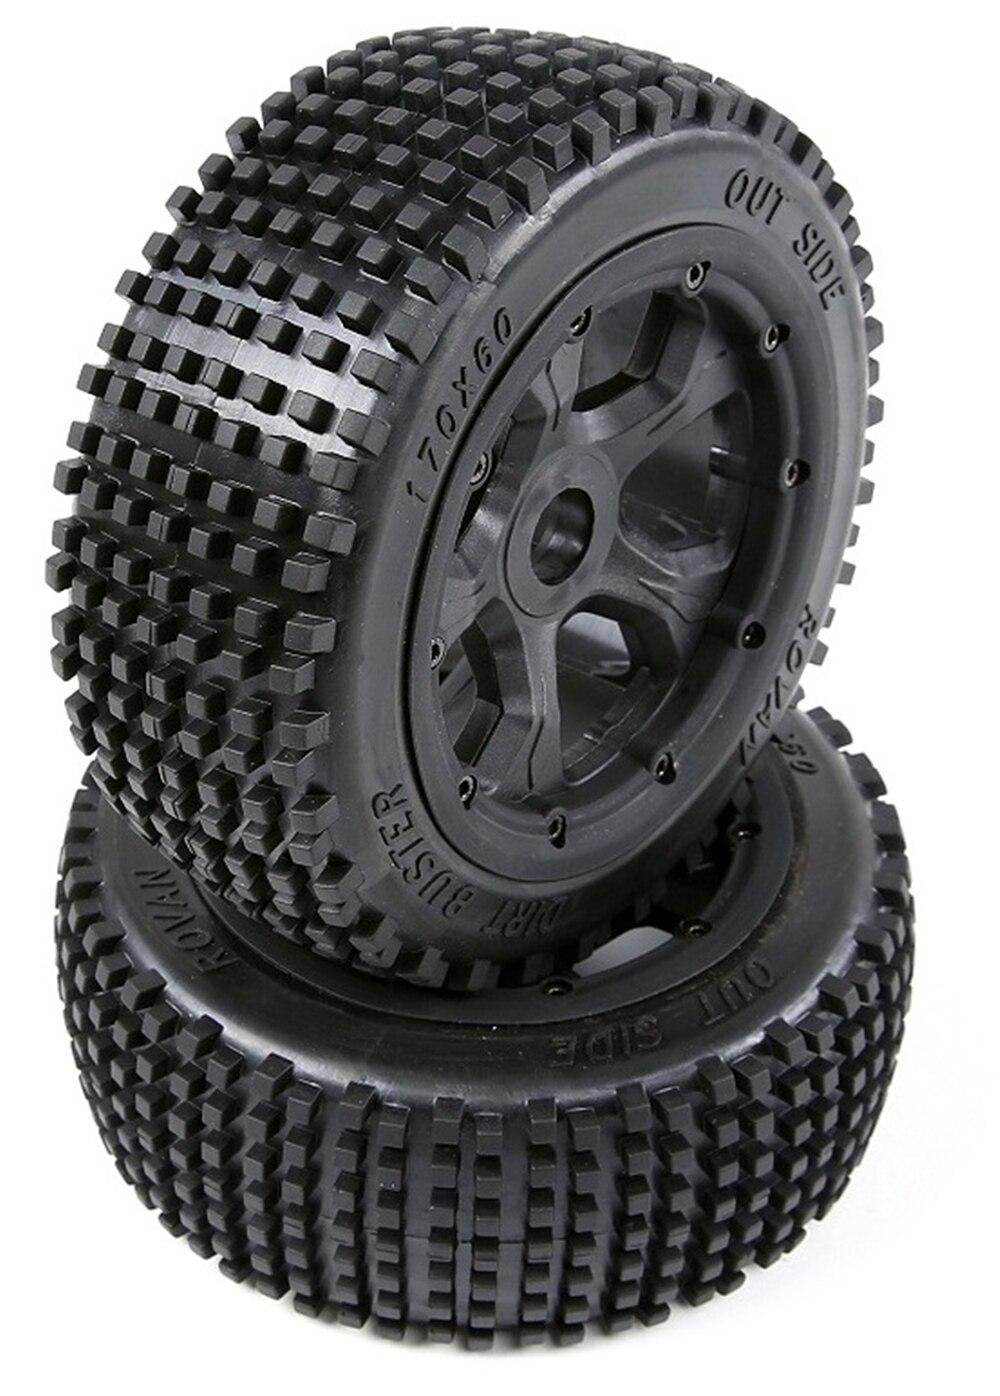 2 pcsum par de pneus off road 02